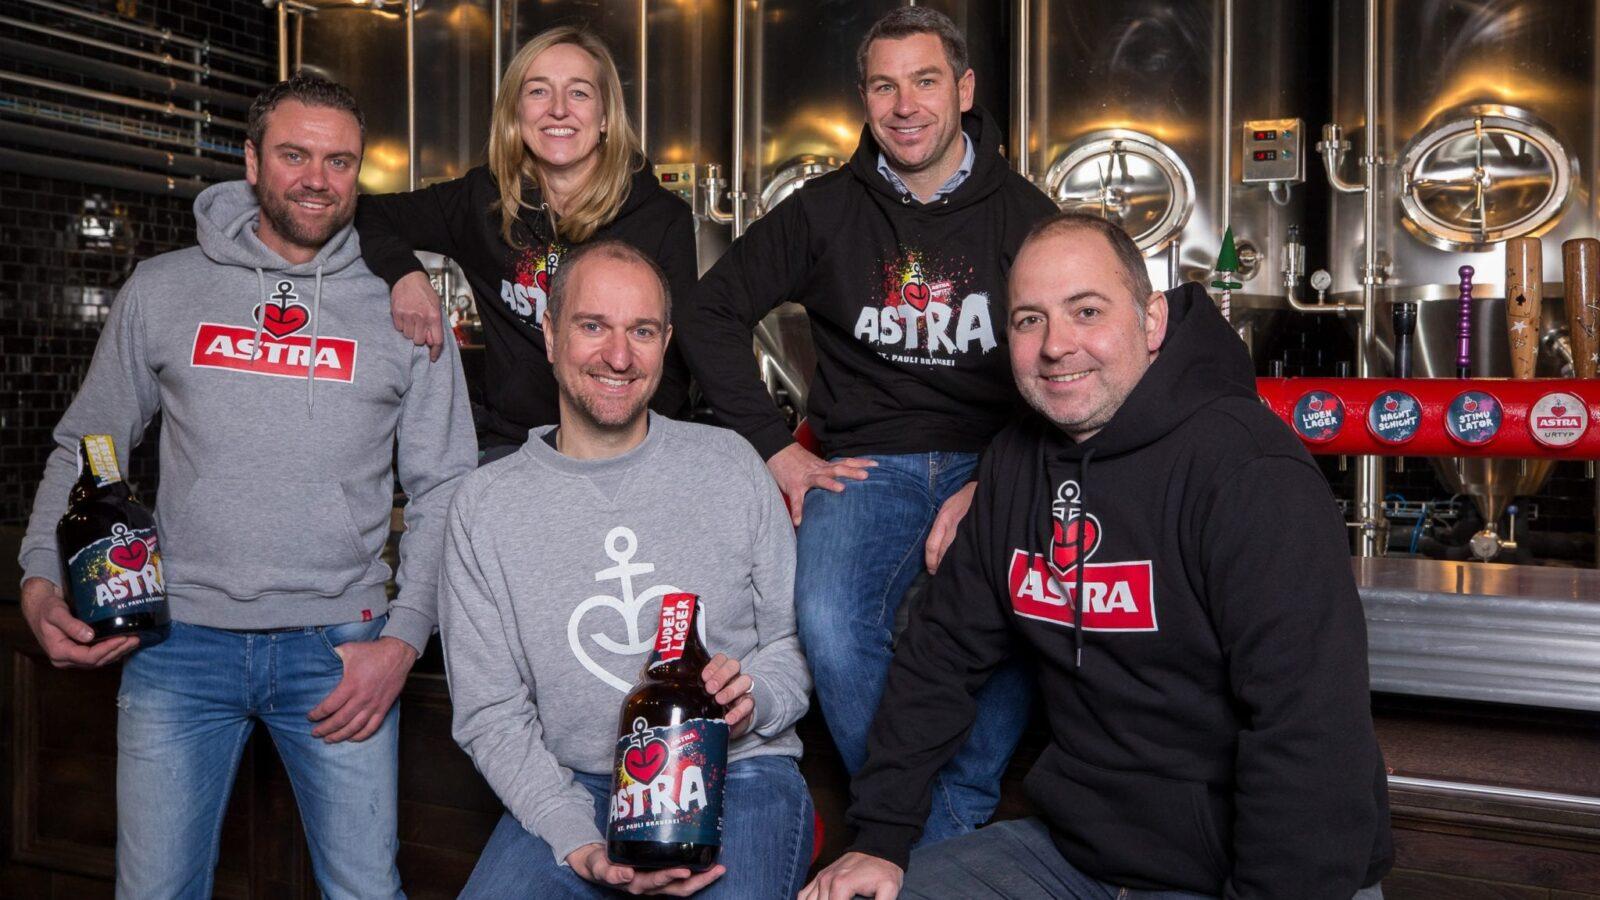 Eröffnung der Astra Brauerei-Kneipe